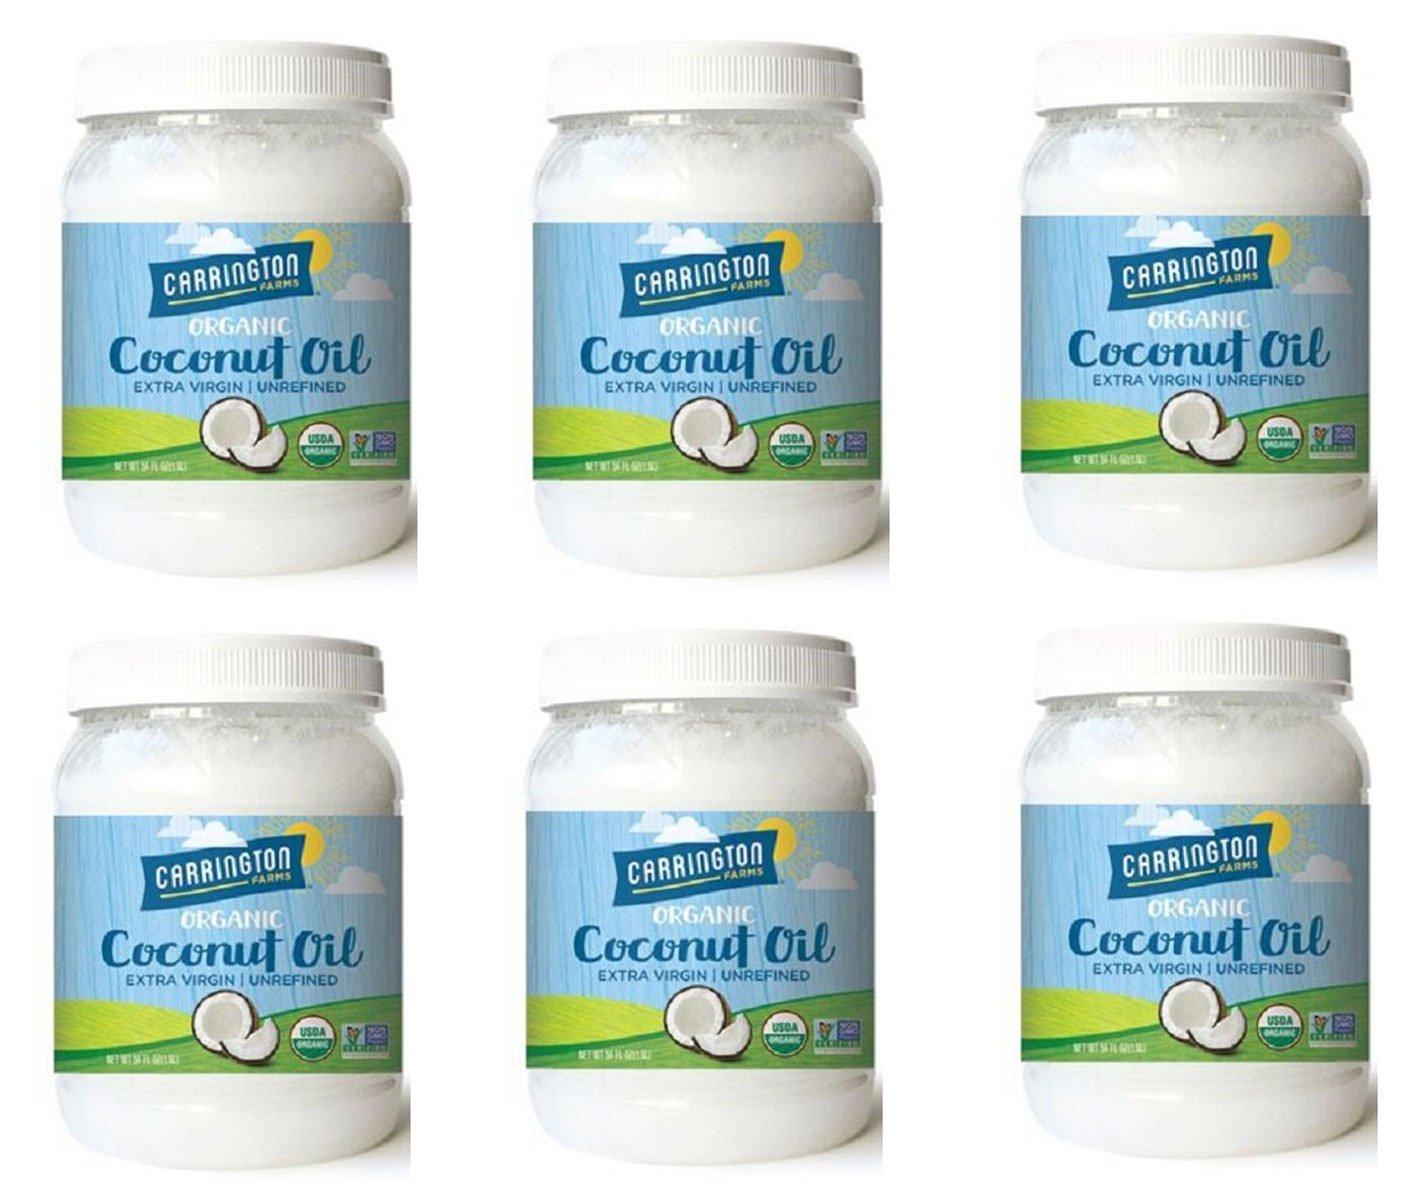 Carrington Farms Organic Extra Virgin Coconut Oil, 54 Ounce, 6 Pack by Carrington Farms (Image #1)